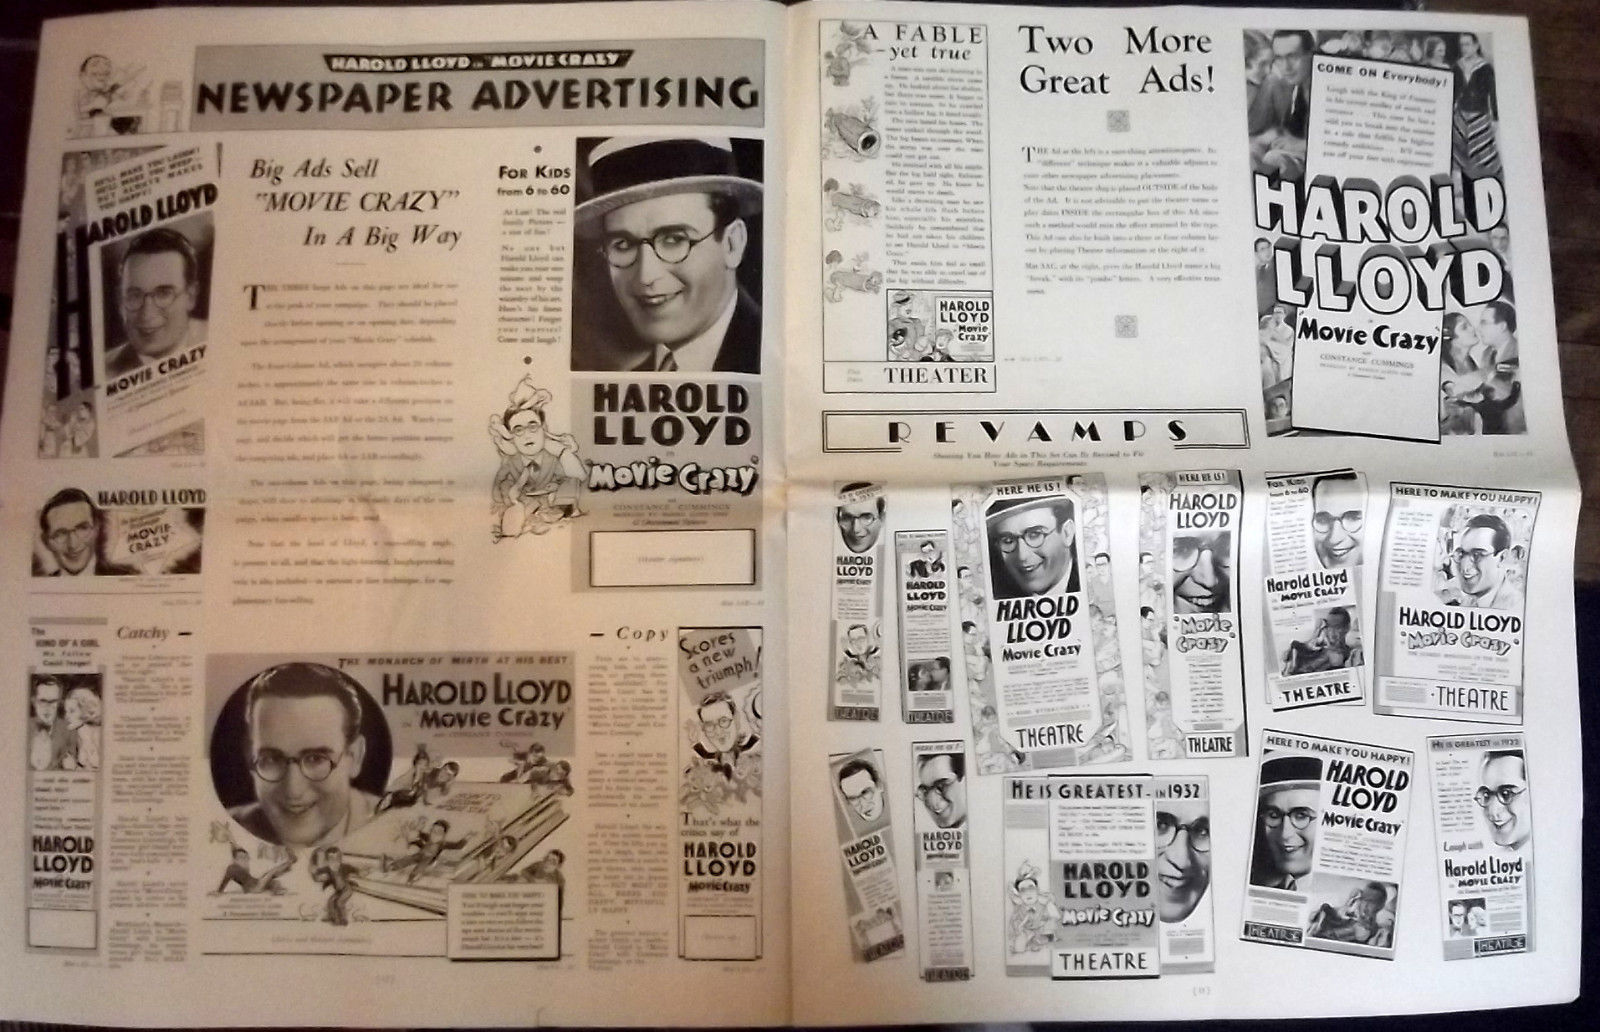 HAROLD LLOYD (MOVIE CRAZY) ORIGINAL VINTAGE 1932 MOVIE PRESSBOOK (CLASSIC)